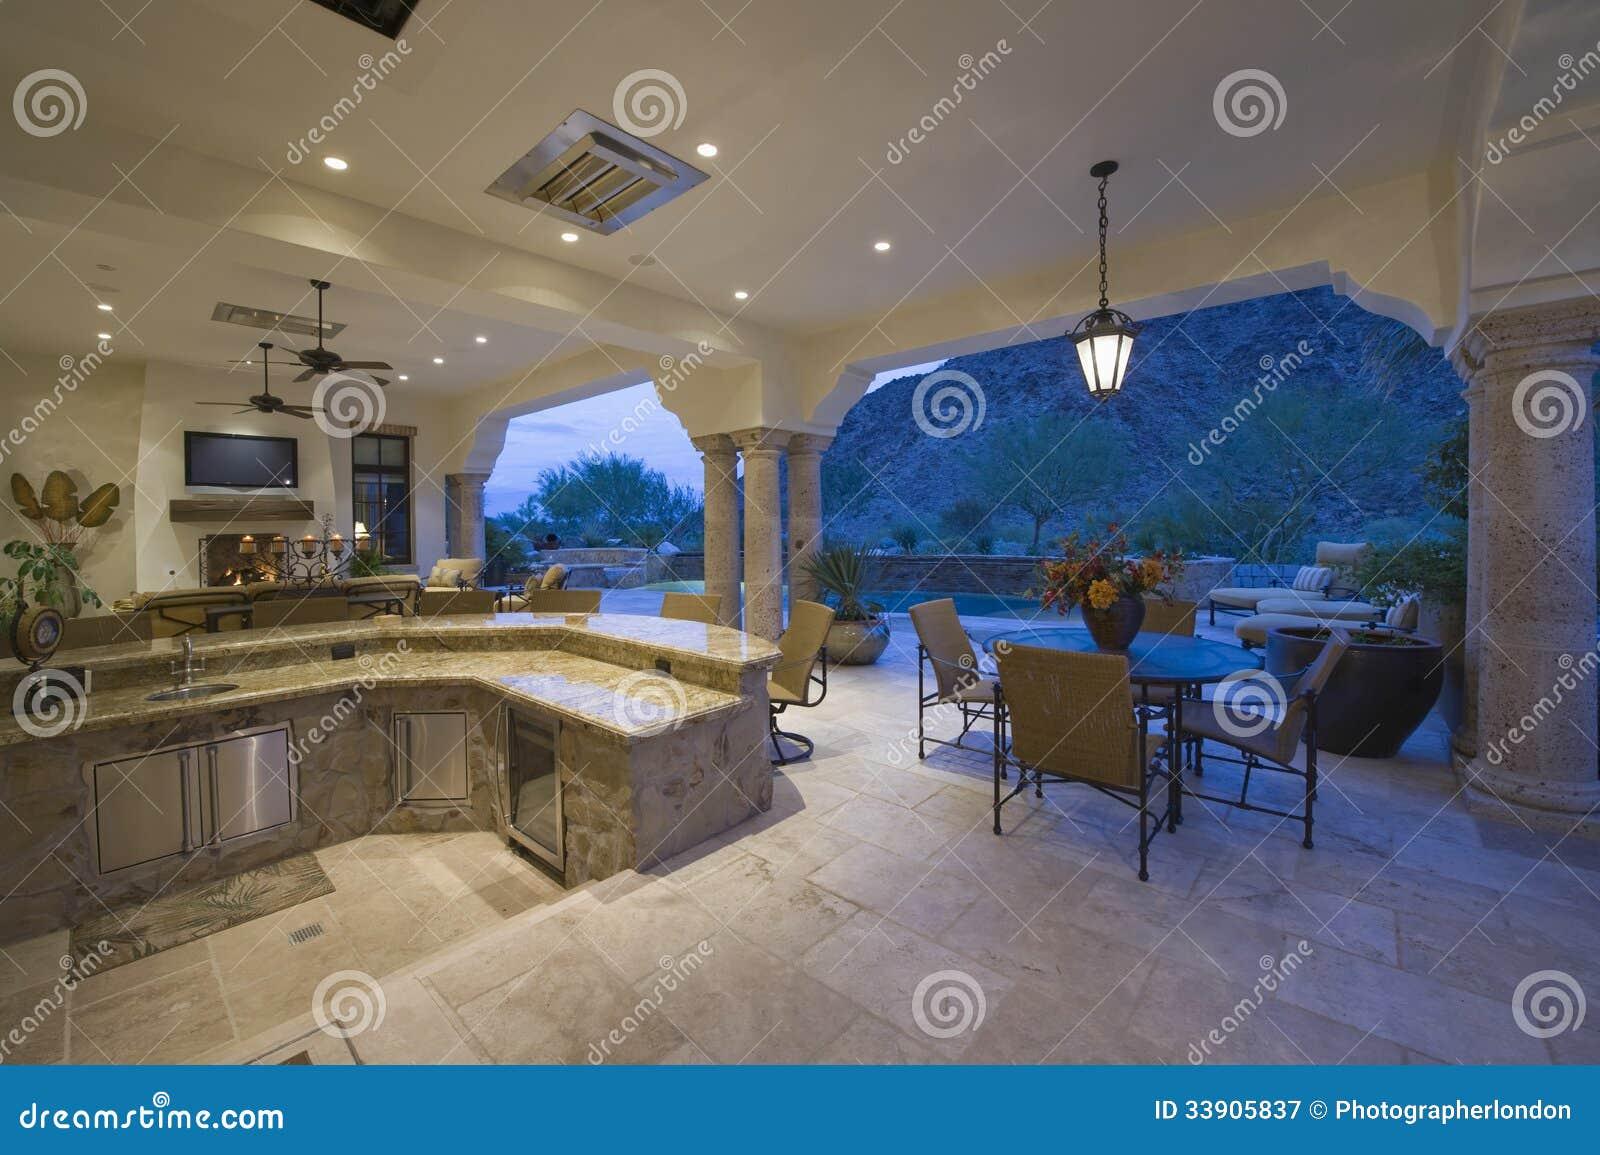 Sala de estar por la cocina hundida con la opini n del for Sala de estar estancia cocina abierta